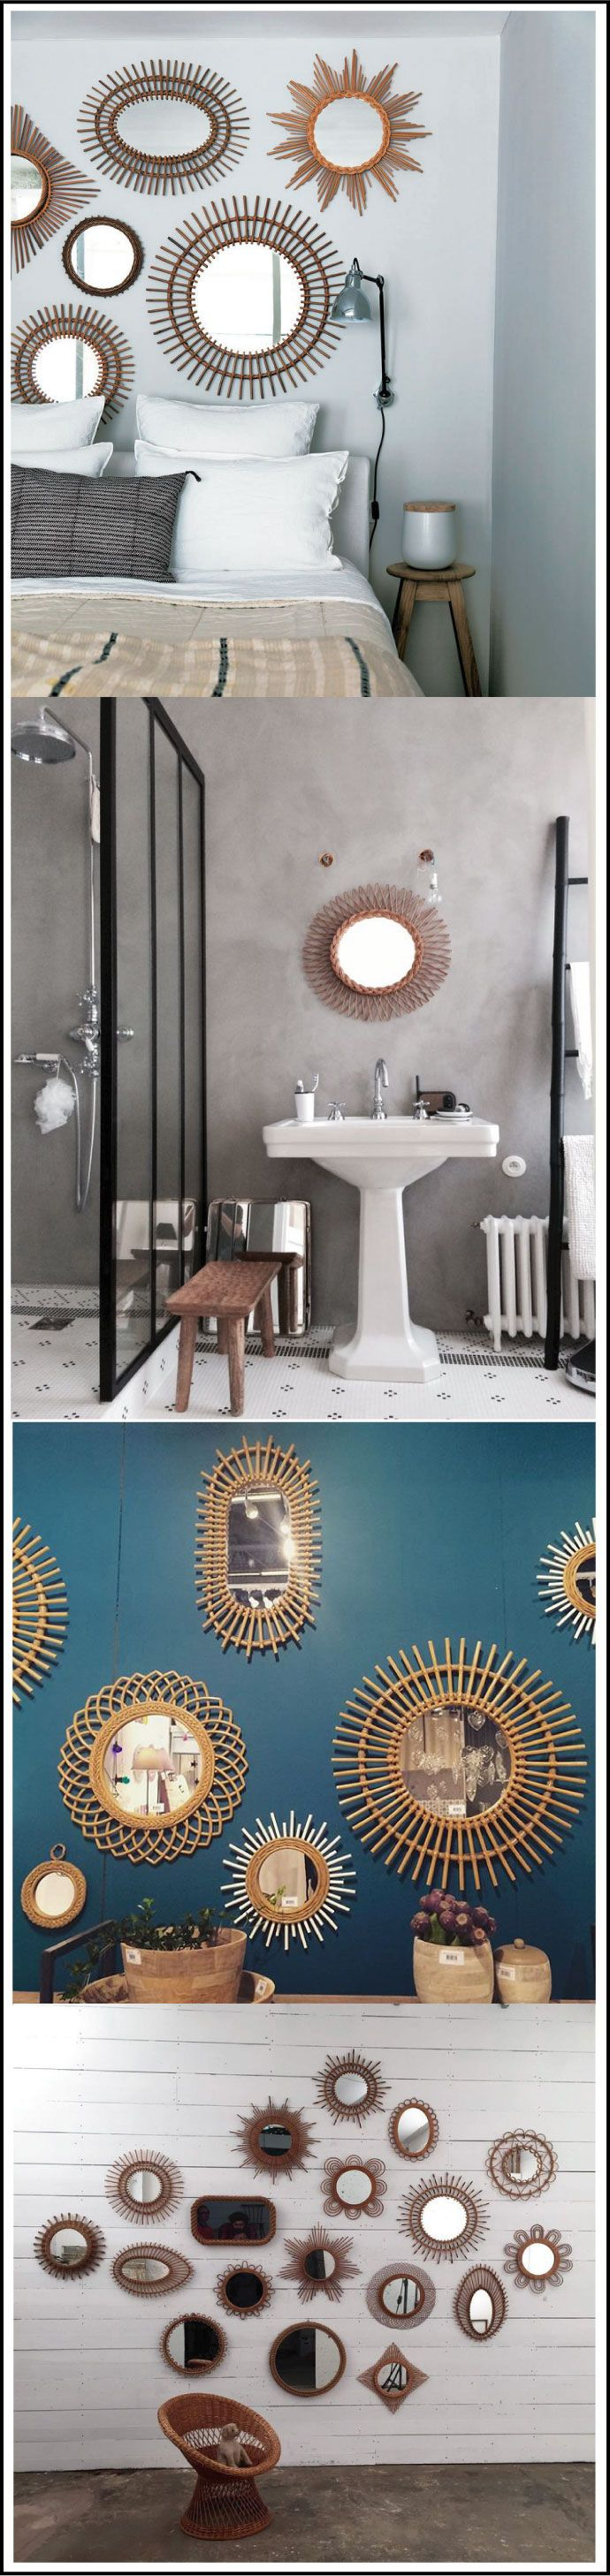 1000 id es propos de meubles en bambou sur pinterest bar de jardin jardin tropical et bambou. Black Bedroom Furniture Sets. Home Design Ideas